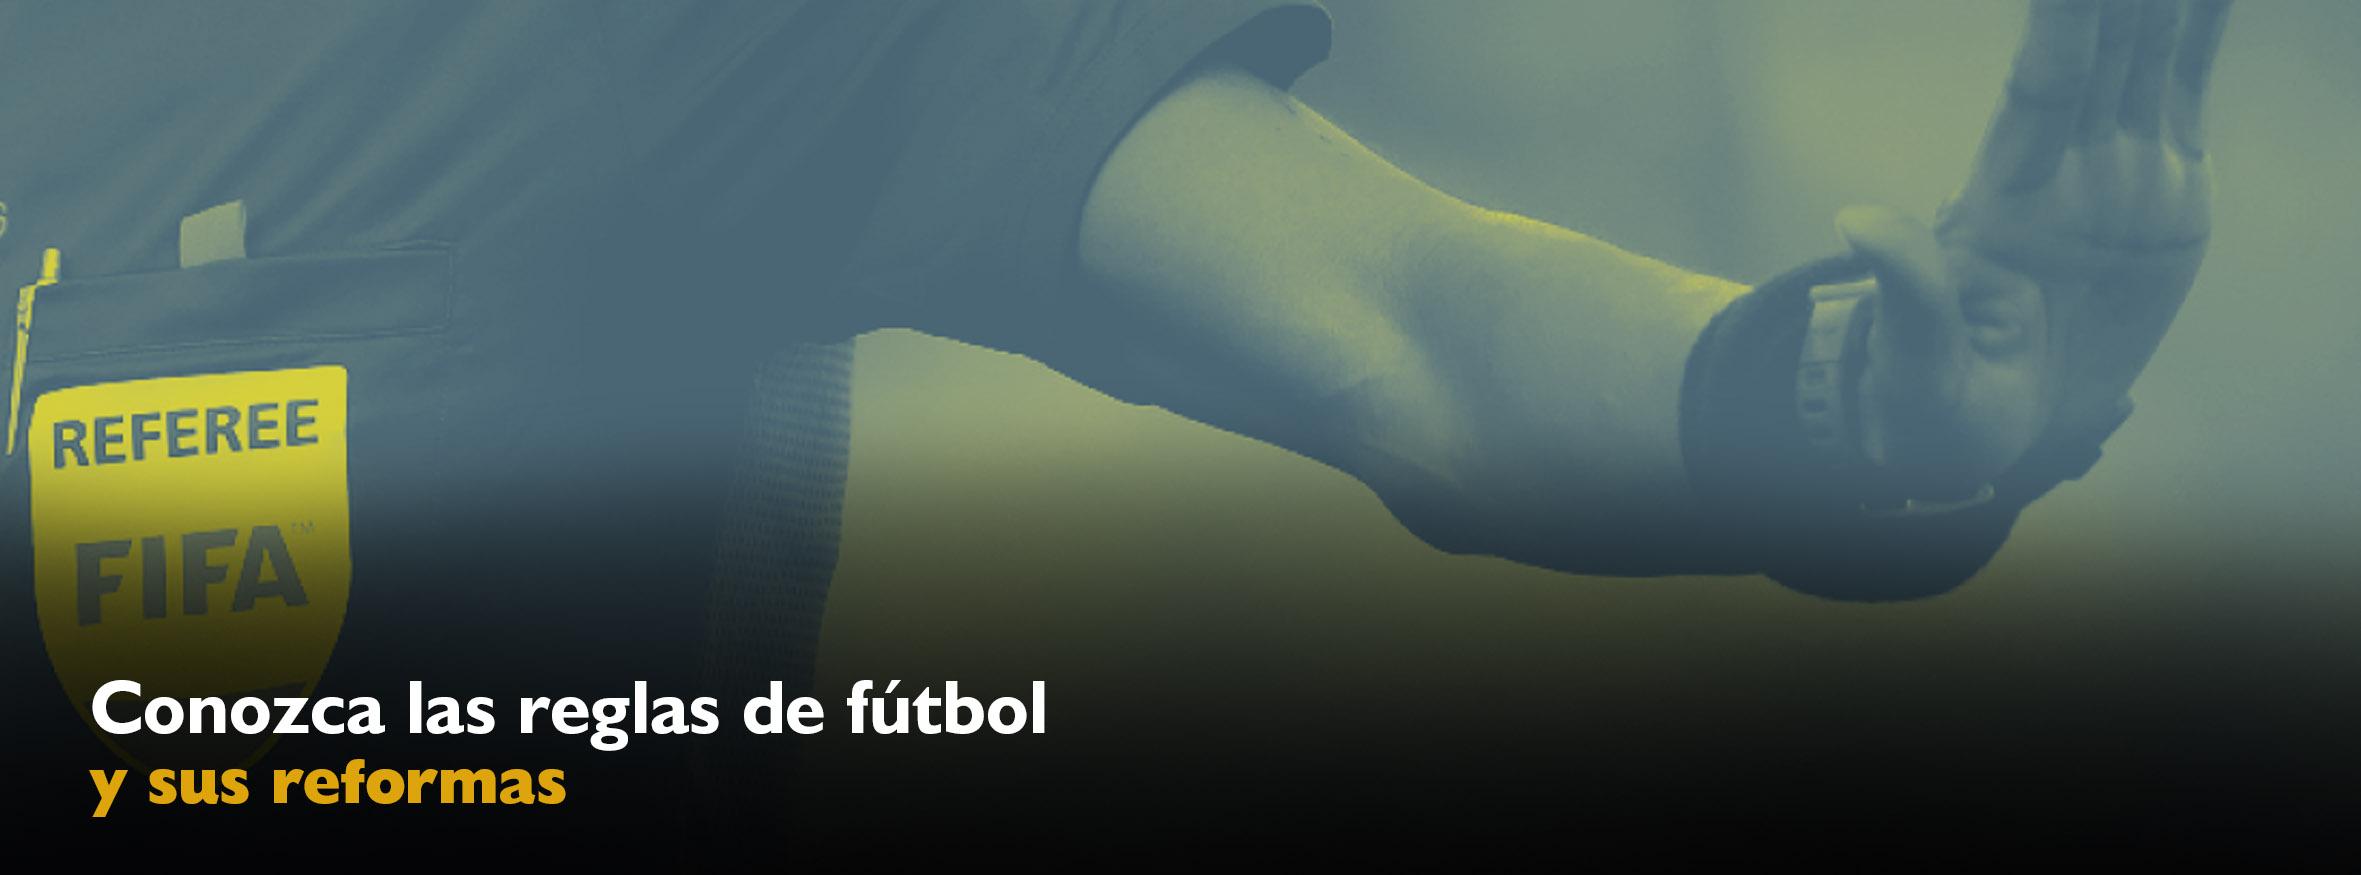 Conozca Las Reglas De Futbol Y Sus Reformas Fenafuth